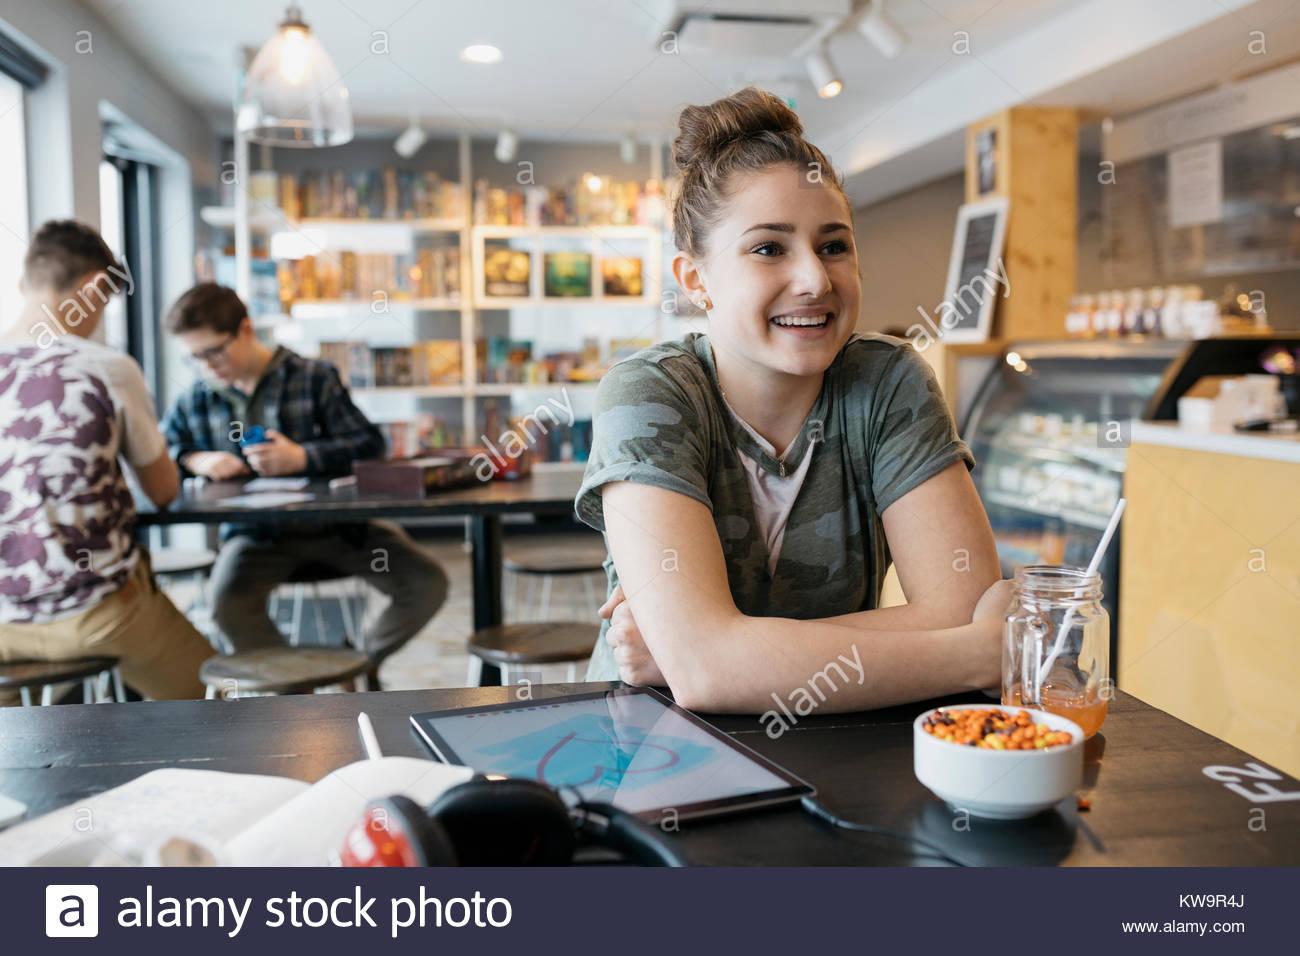 Sorridente Caucasian high school girl studente con tavoletta digitale studiare in cafe Immagini Stock